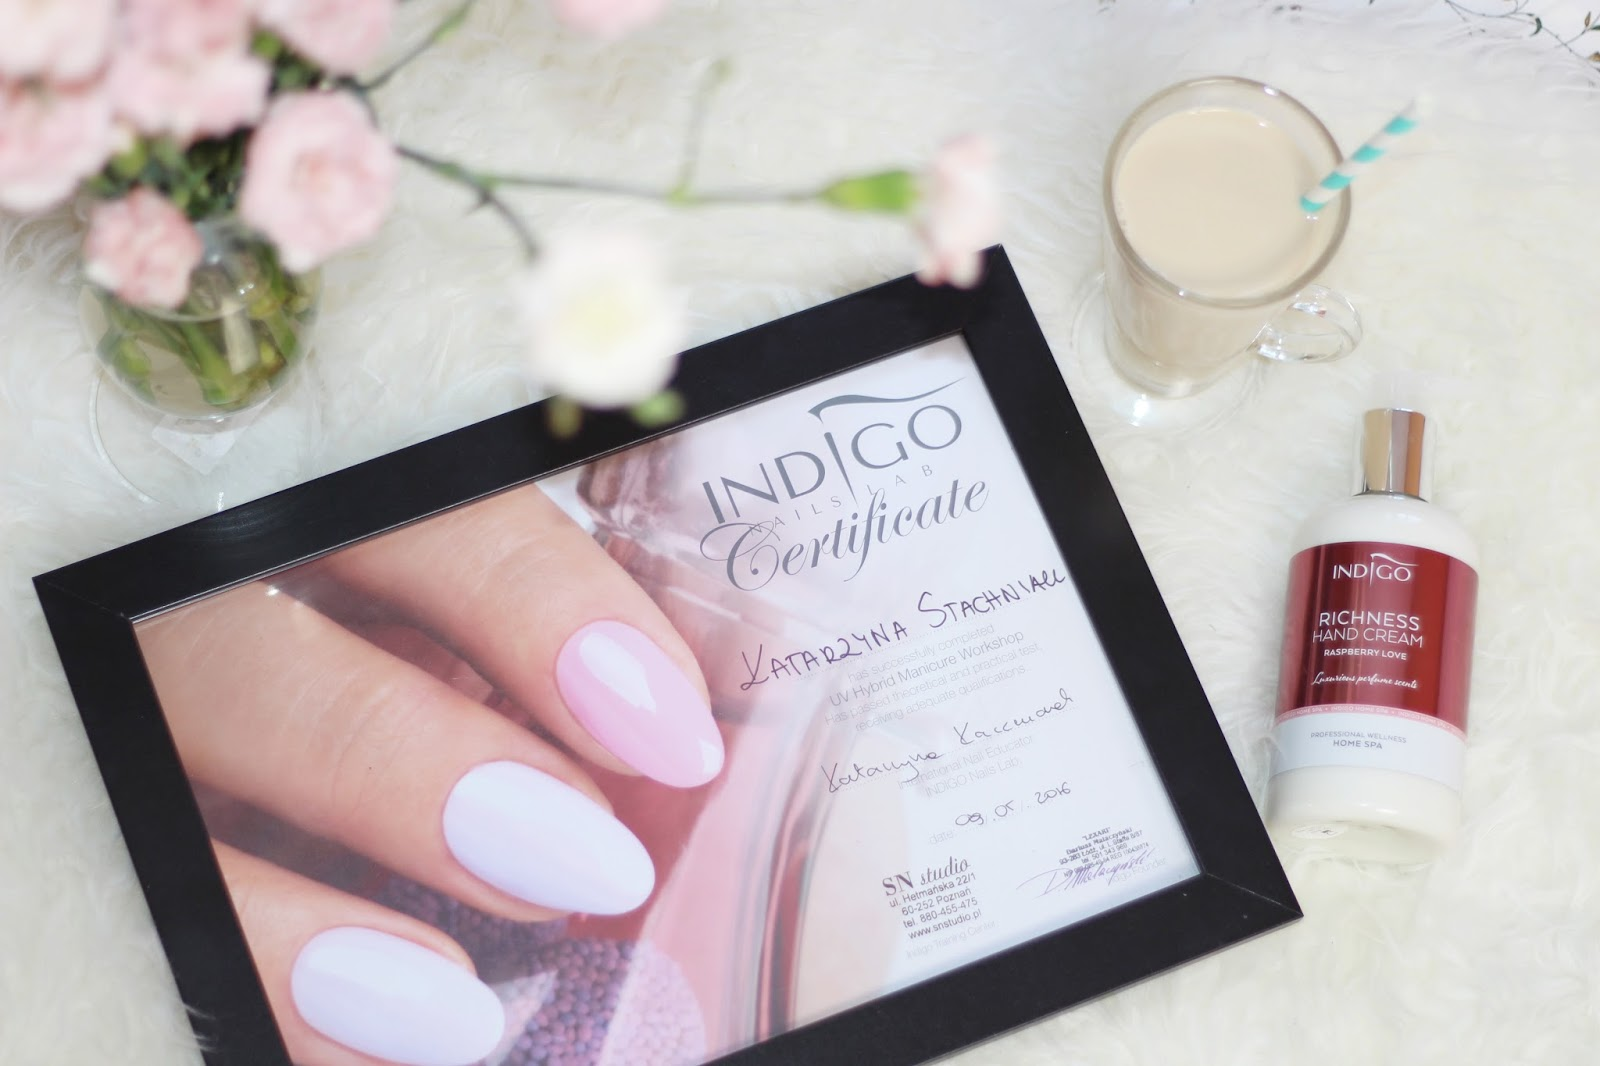 Manicure Time Szkolenie Indigo Manicure Hybrydowy Minimalna